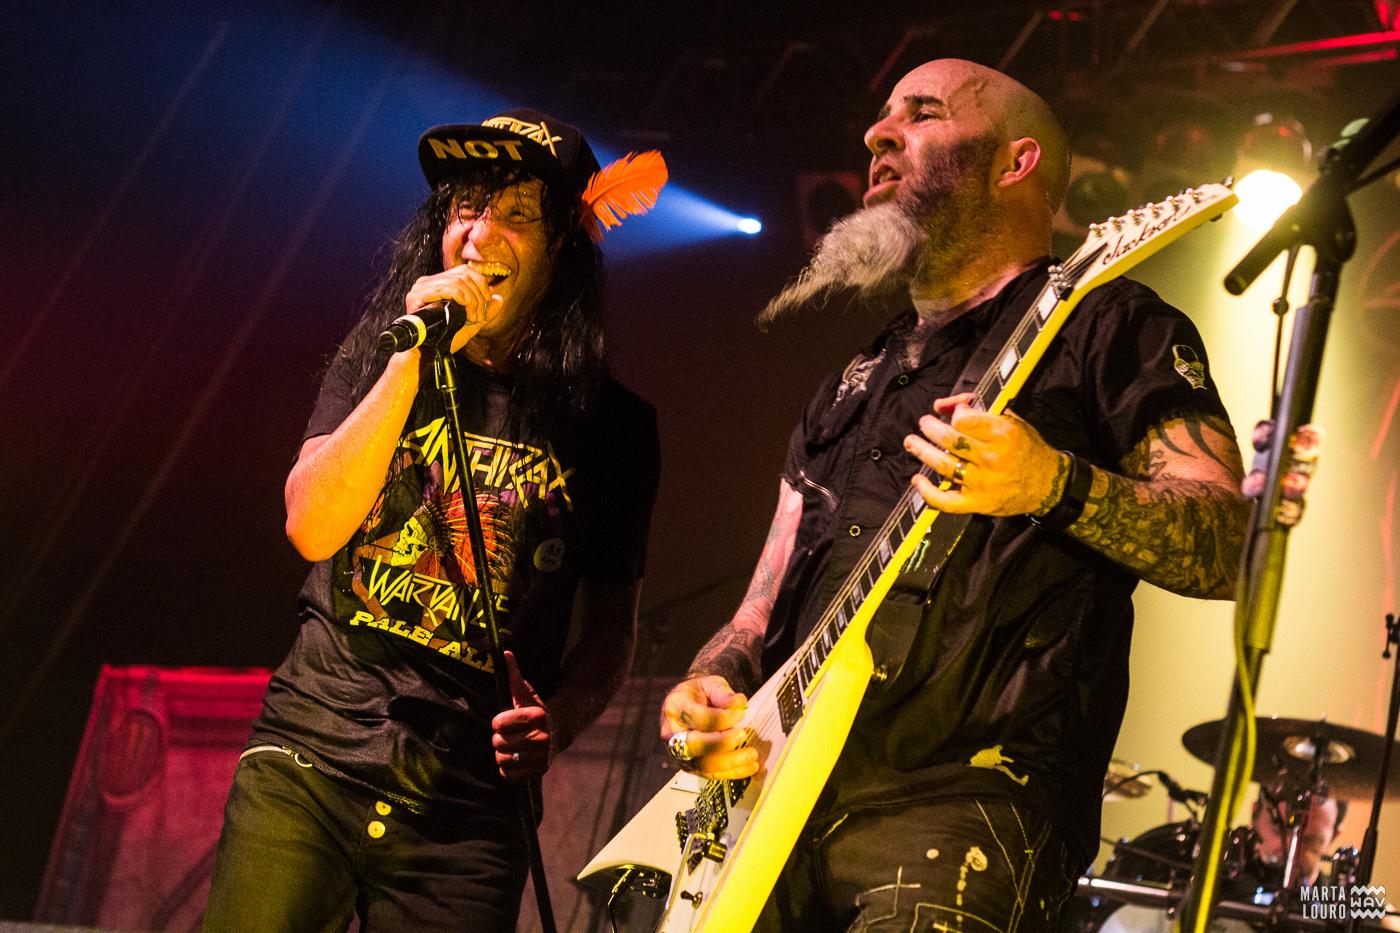 Anthrax - Cine-Teatro de Corroios [5Jul2017] Foto-reportagem